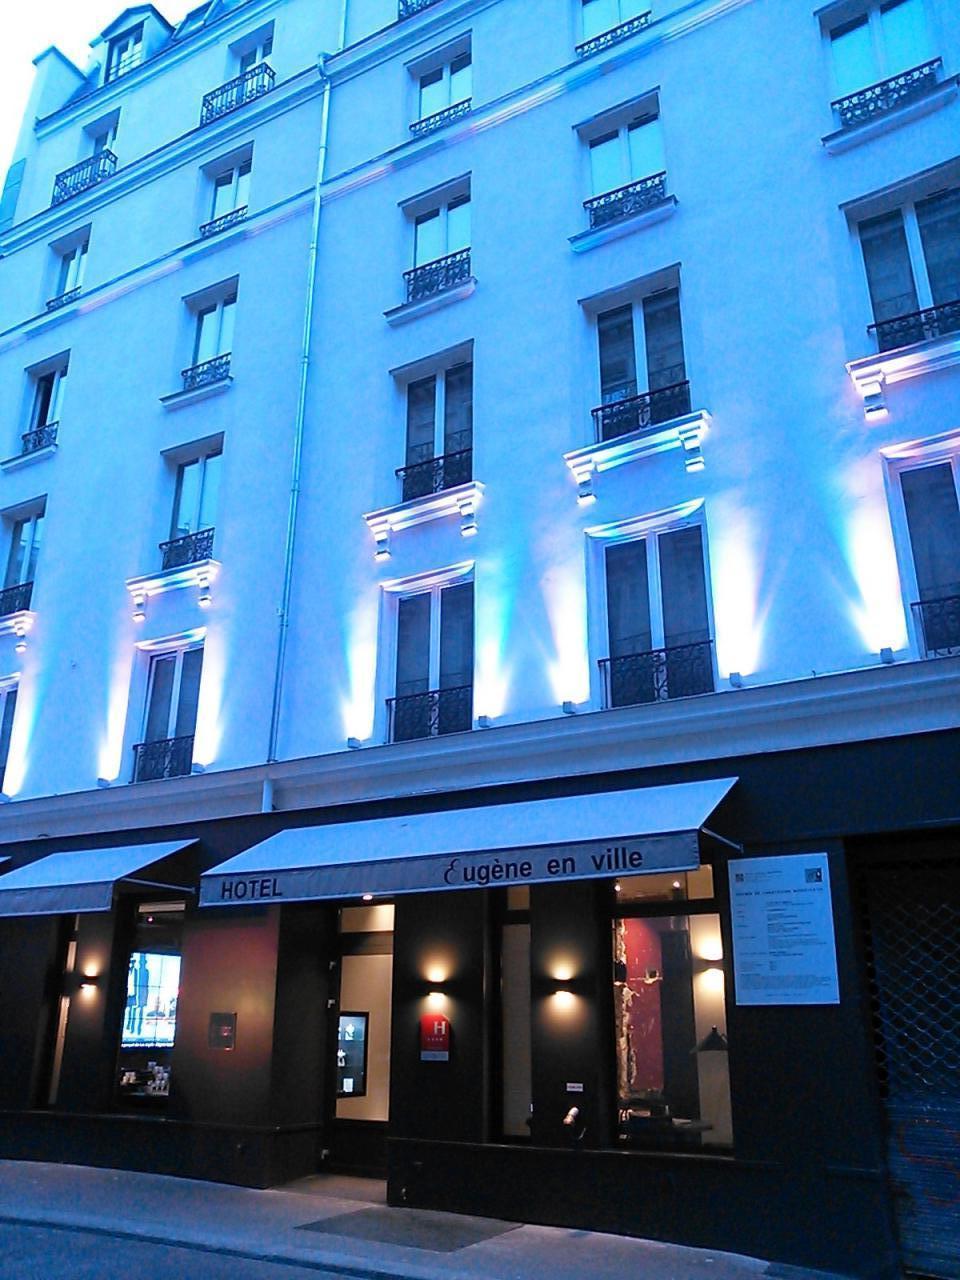 Hotel Eug Ef Bf Bdne En Ville Paris